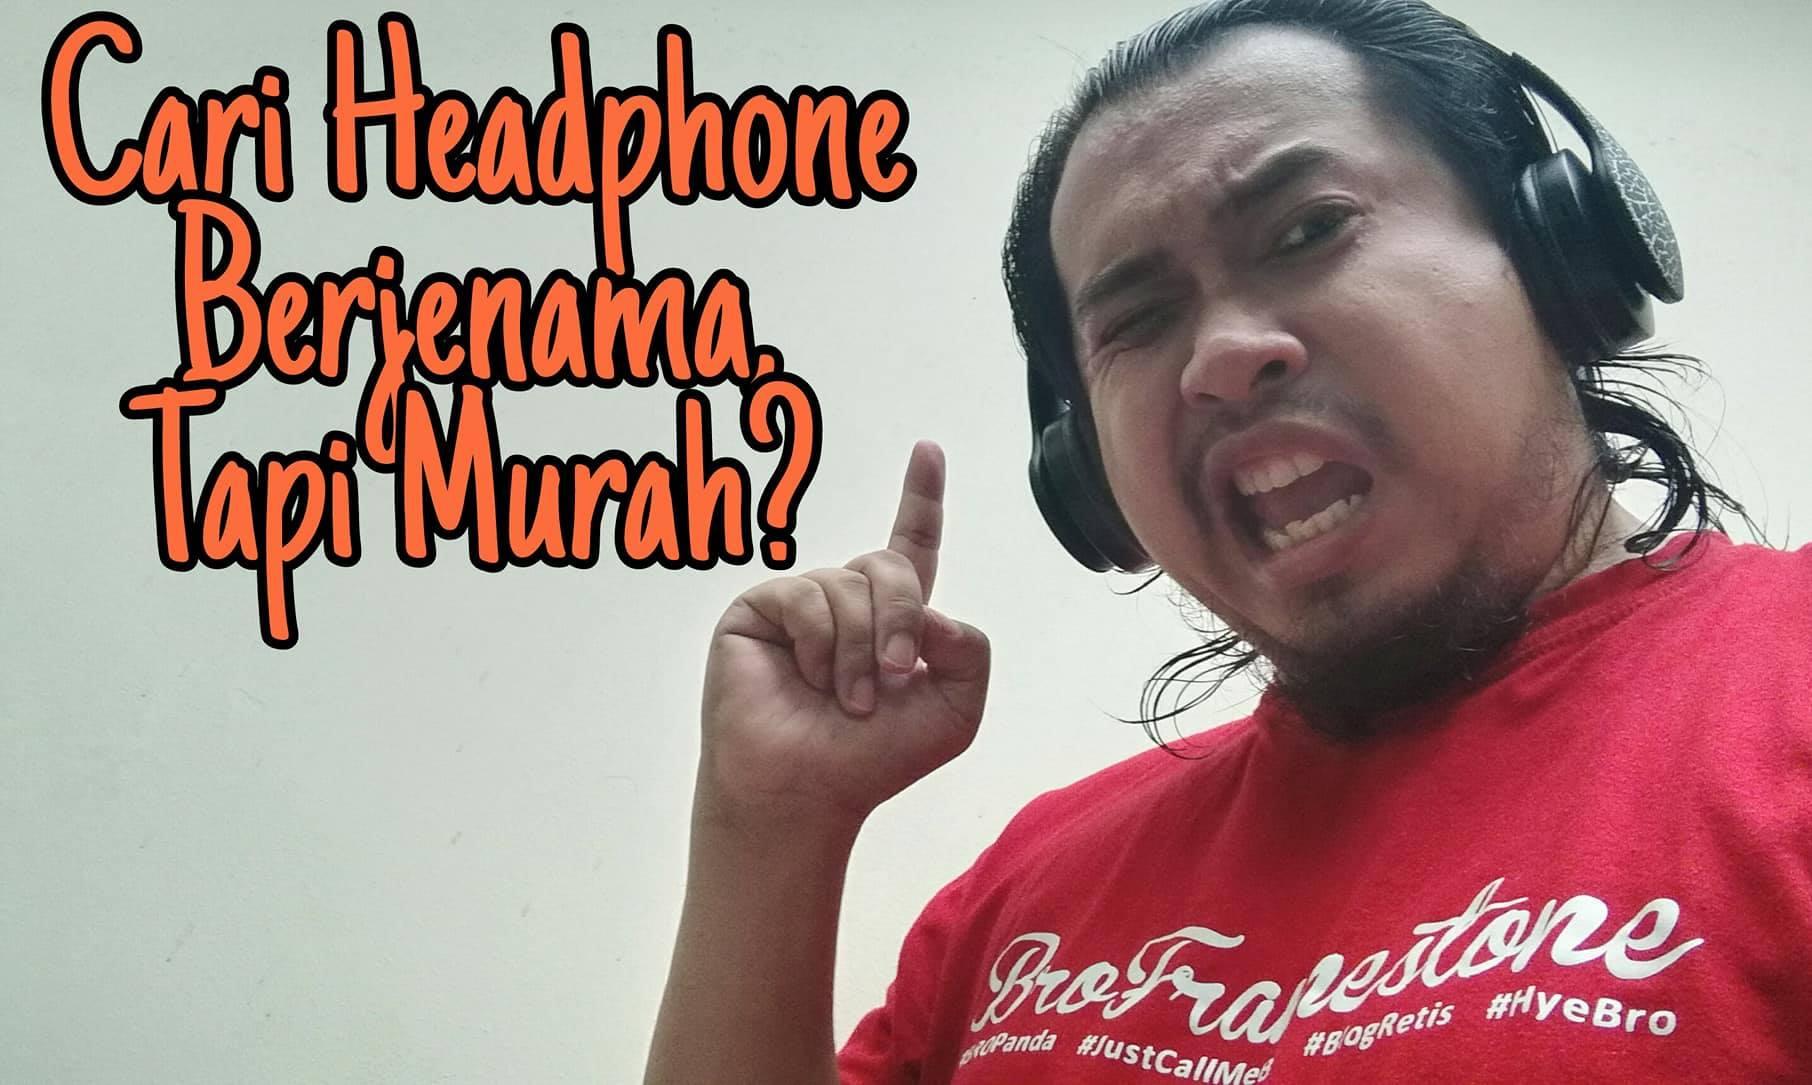 Tip Pemilihan Headphone Berjenama Pada Harga Mampu Milik? ProductNation Ada Jawapannya.